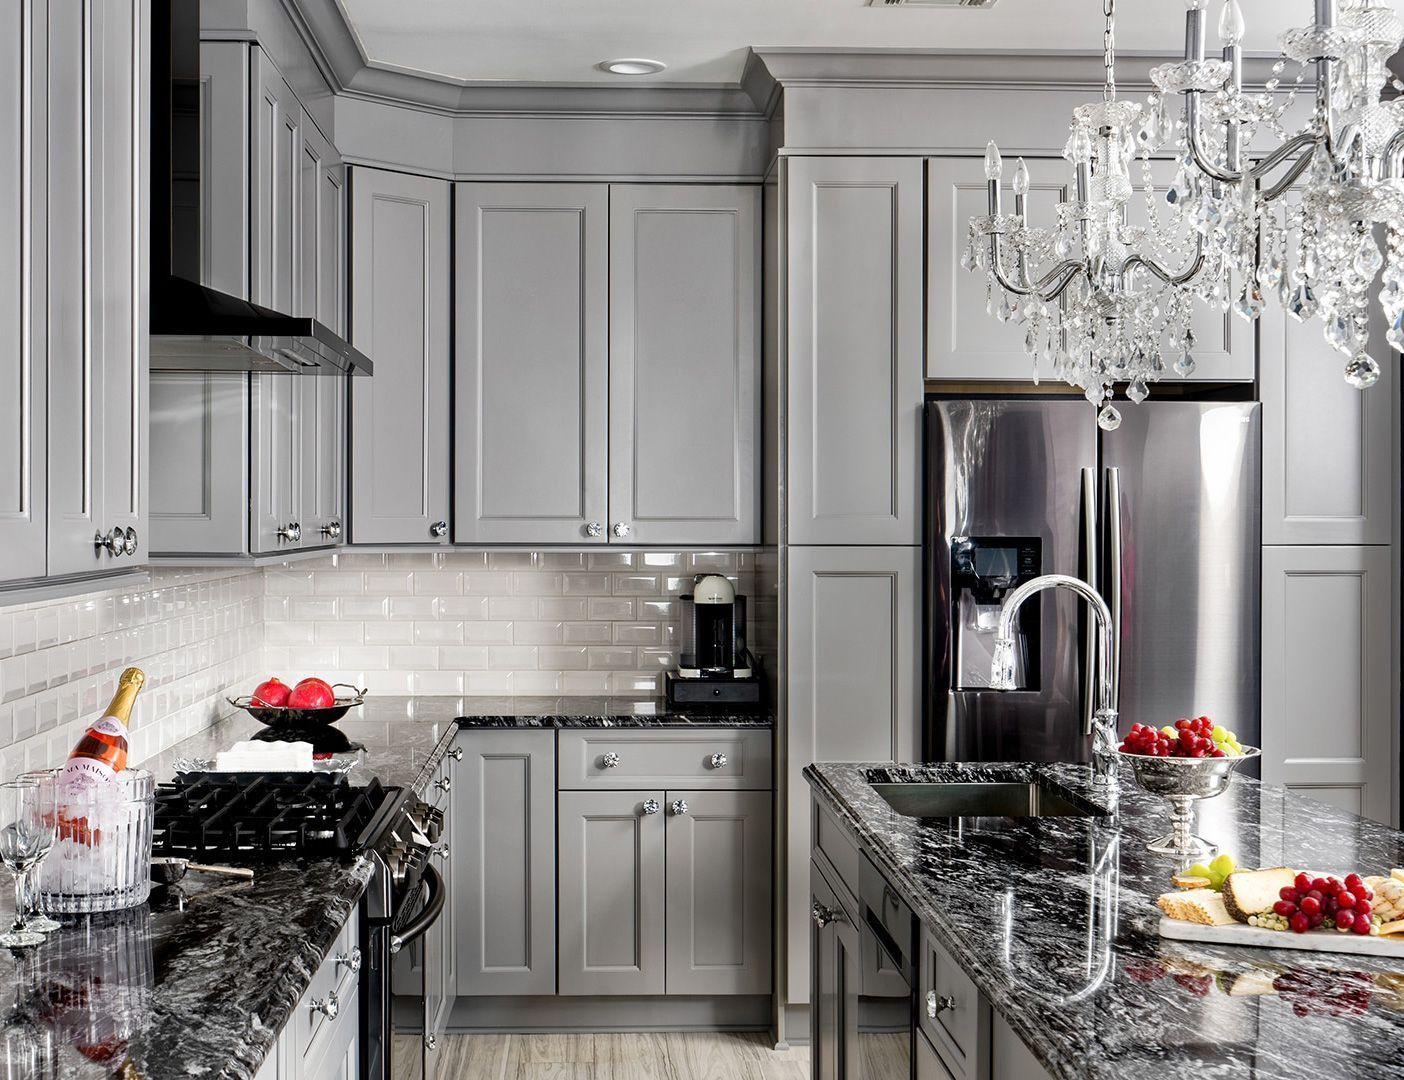 Fabuwood Allure Nexus Slate Cabinets In 2020 Grey Kitchen Cabinets Kitchen Cabinets Slate Kitchen